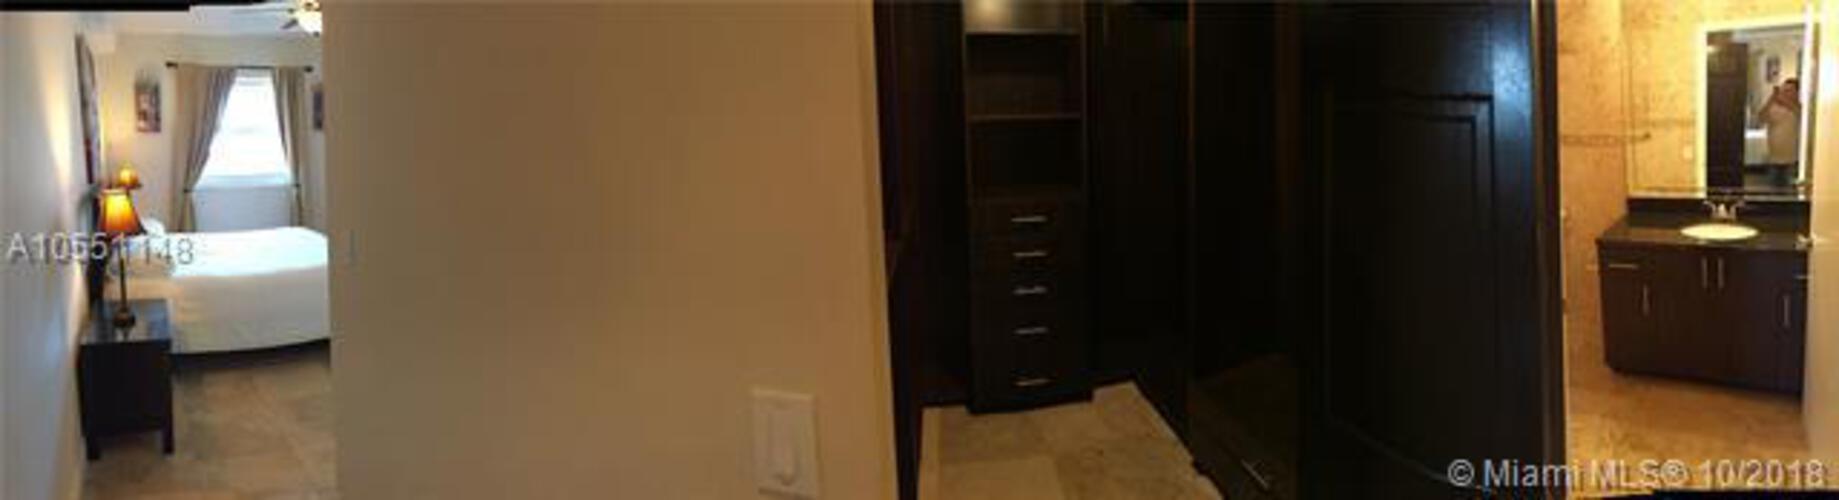 185 Southeast 14th Terrace, Miami, FL 33131, Fortune House #1706, Brickell, Miami A10551148 image #16